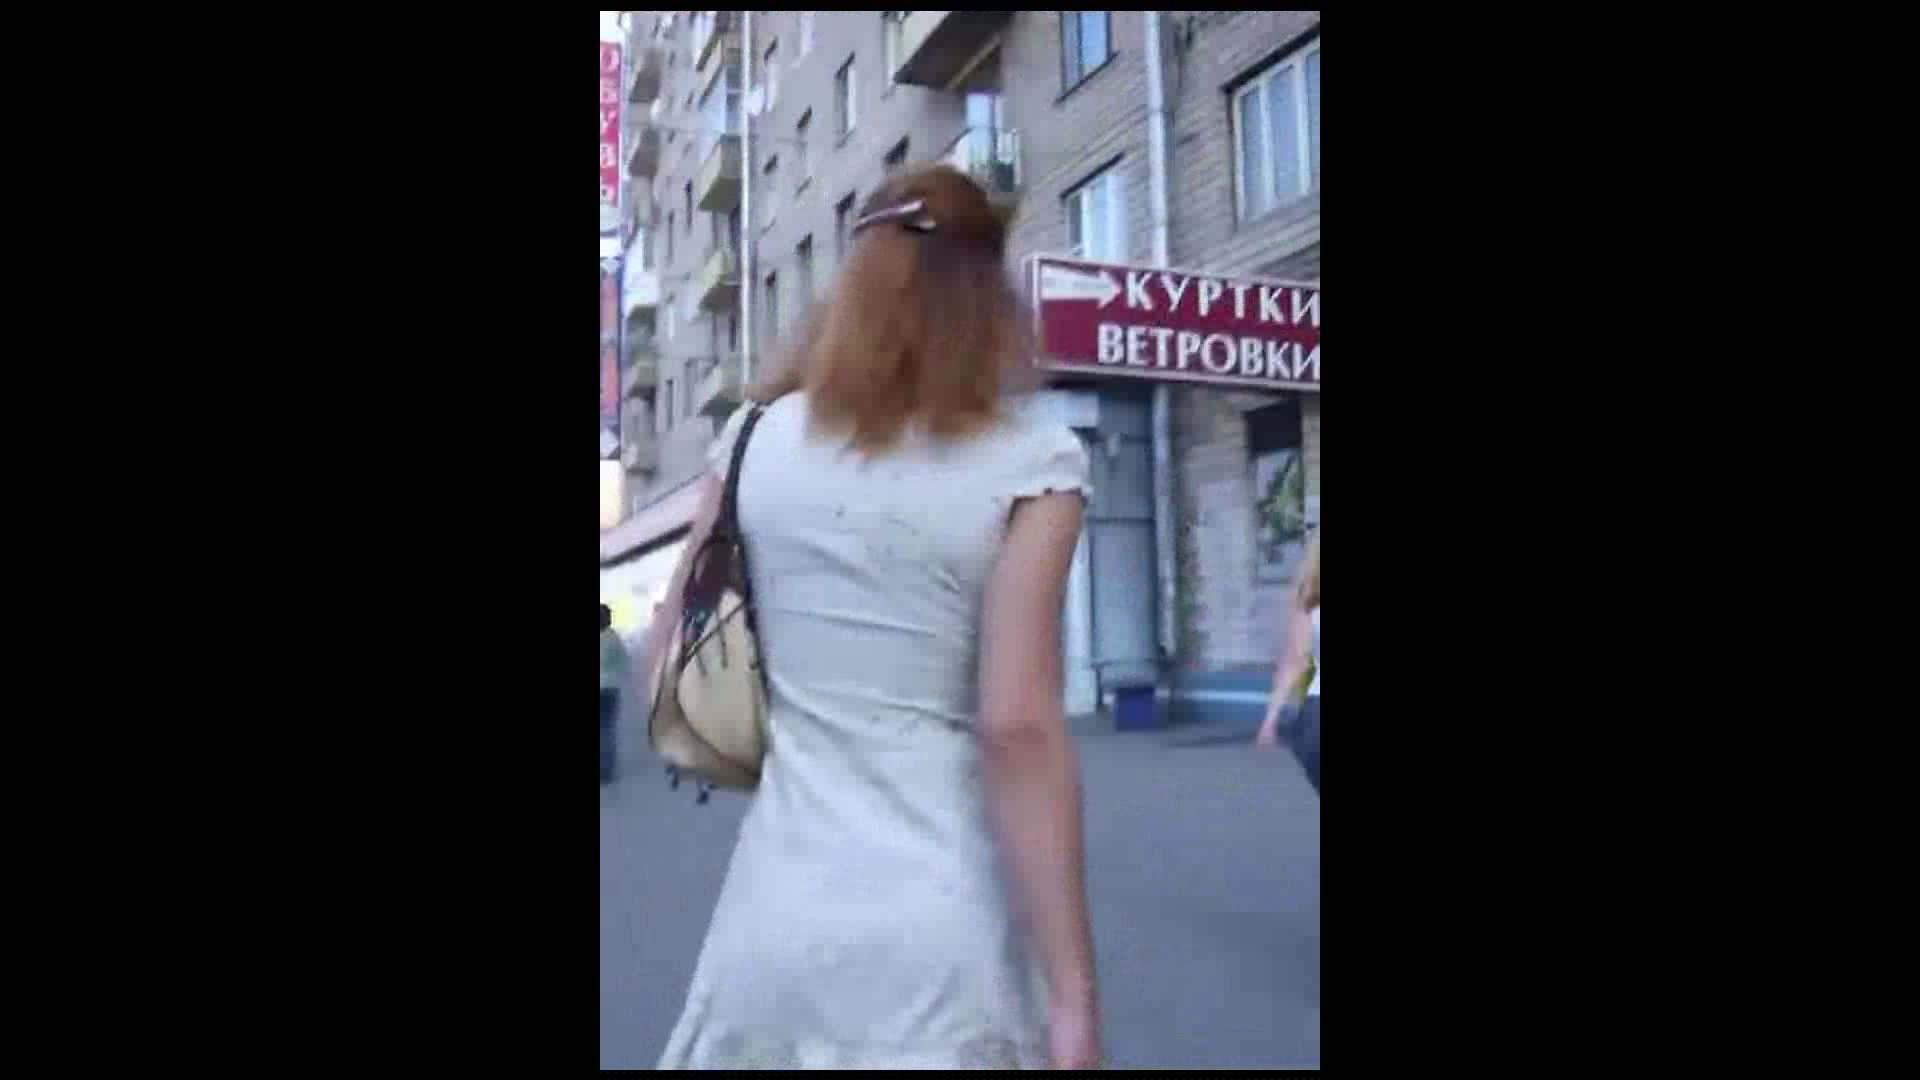 綺麗なモデルさんのスカート捲っちゃおう‼vol03 OLのエロ生活 盗み撮り動画キャプチャ 98連発 65